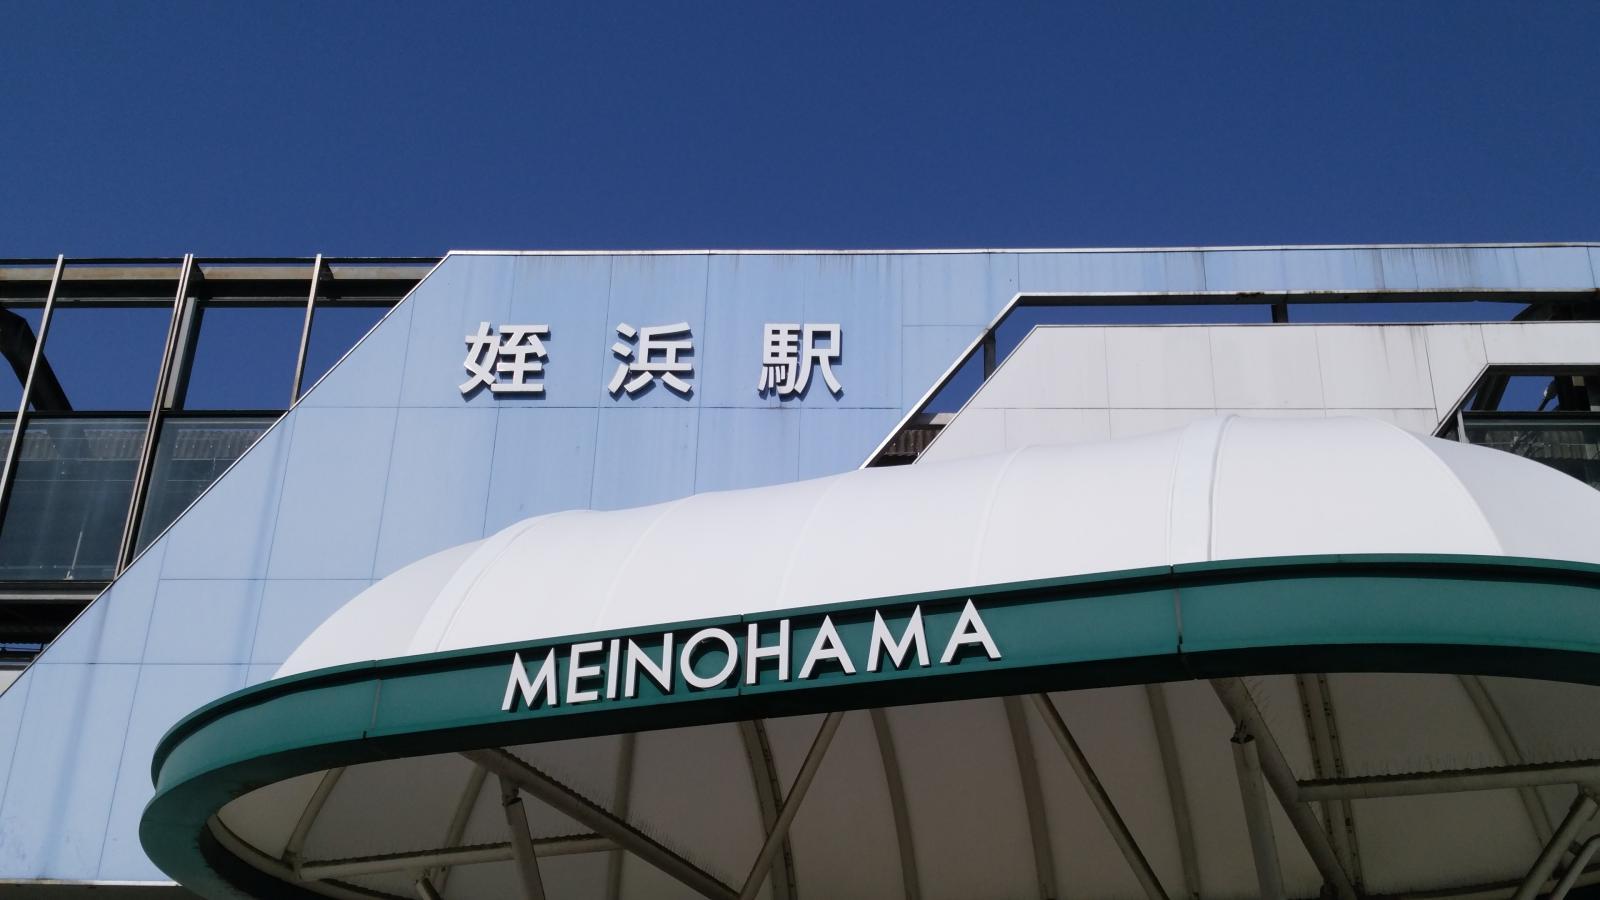 姪浜駅の施設外観です。